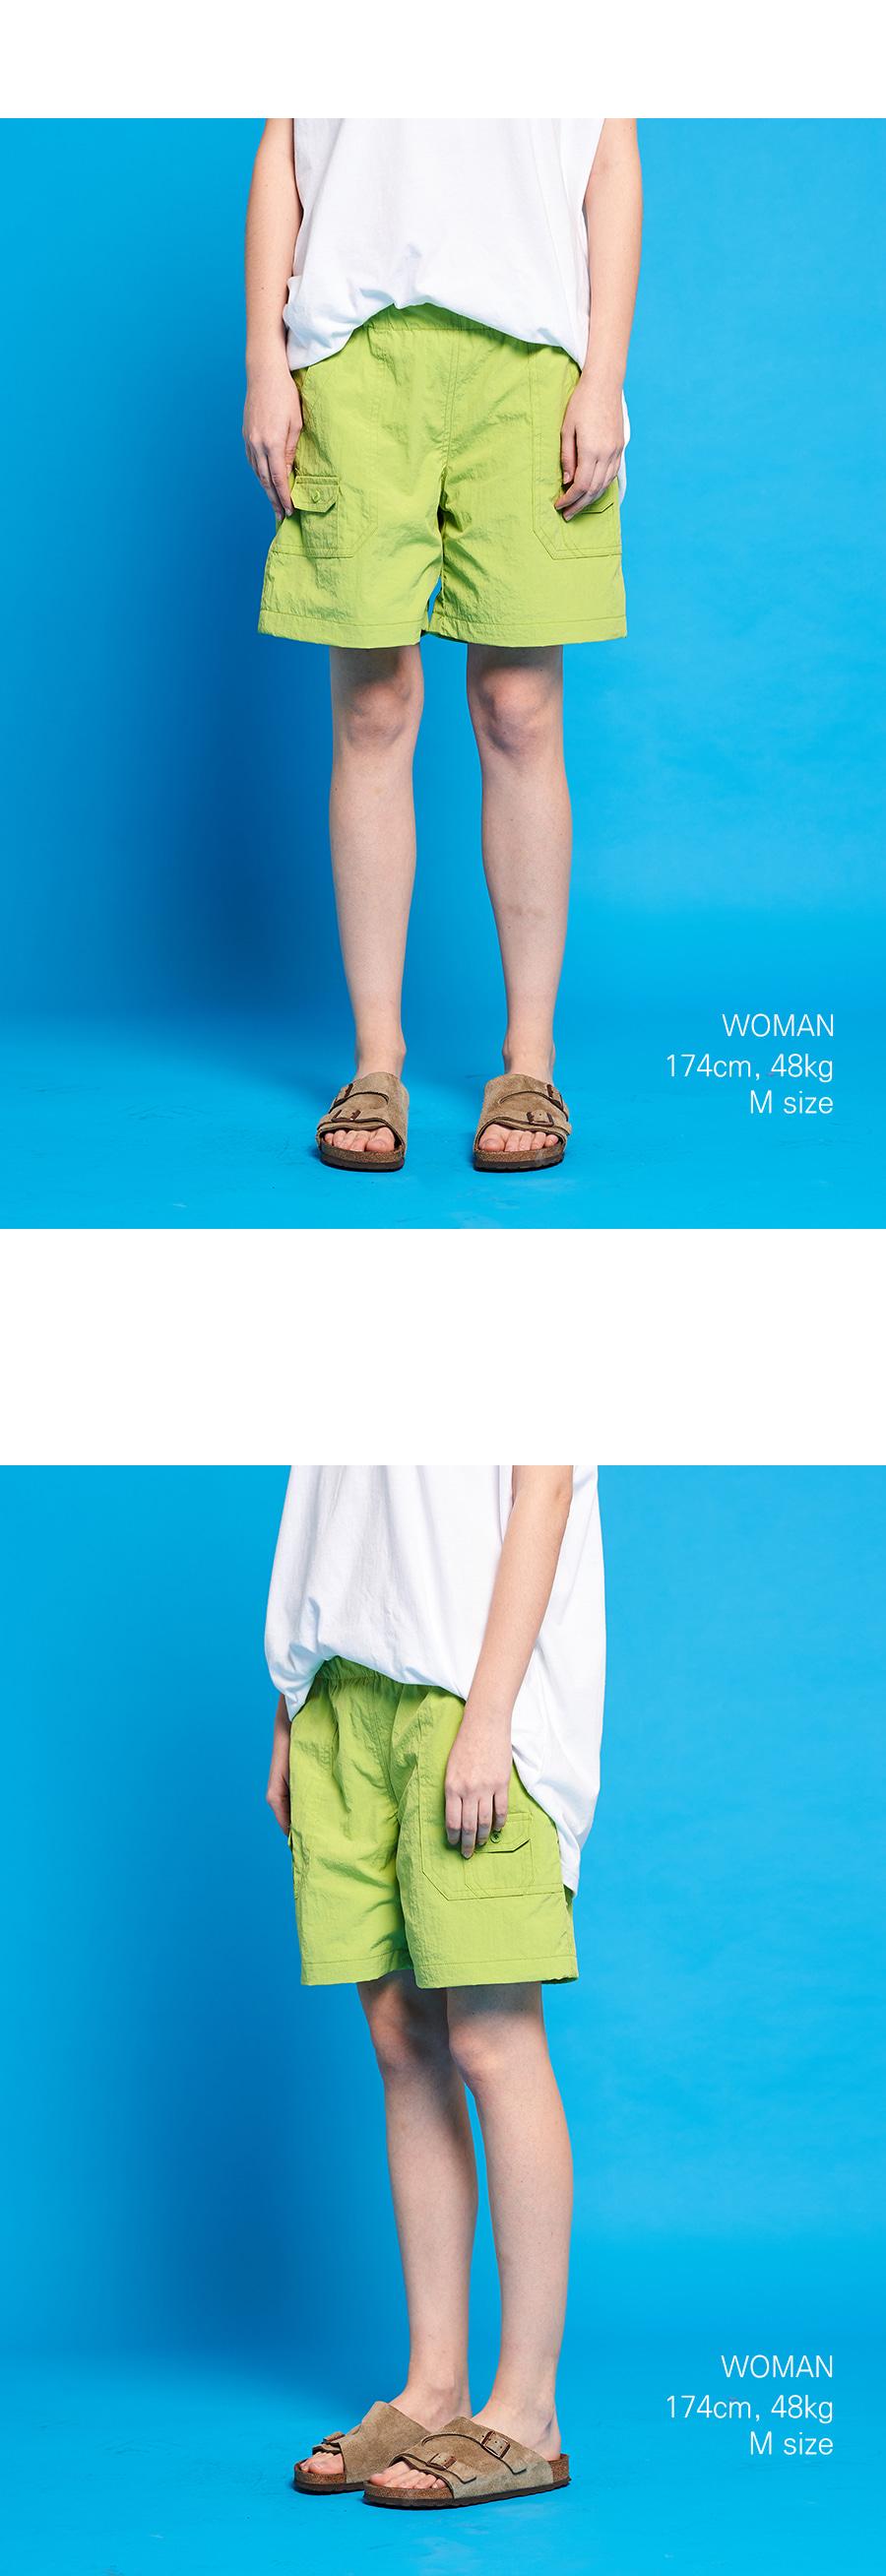 xtp002_ne_woman_1.jpg